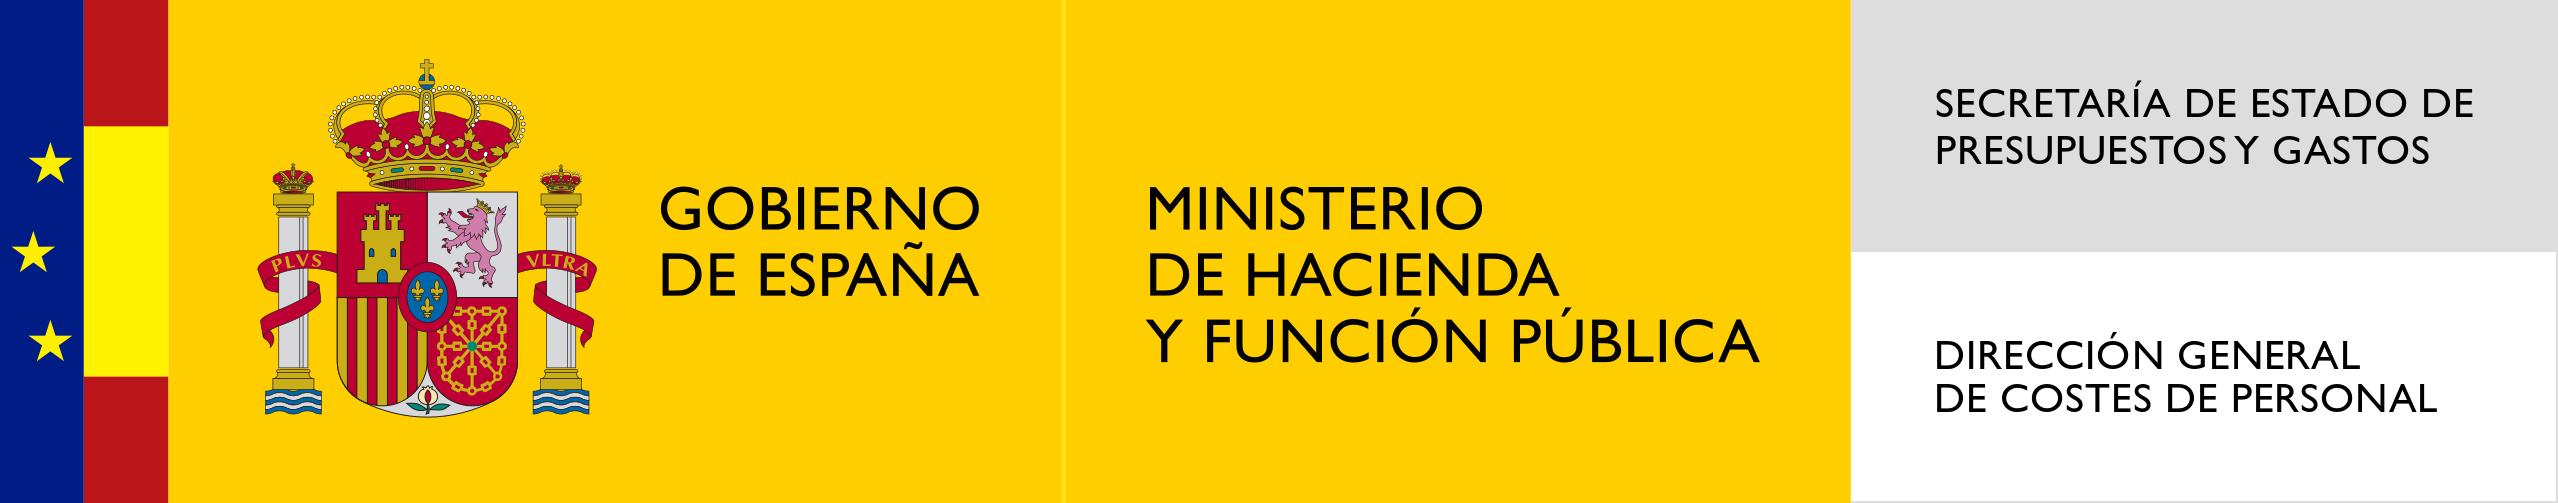 File Logotipo De La Dirección General De Costes De Personal Png Wikimedia Commons